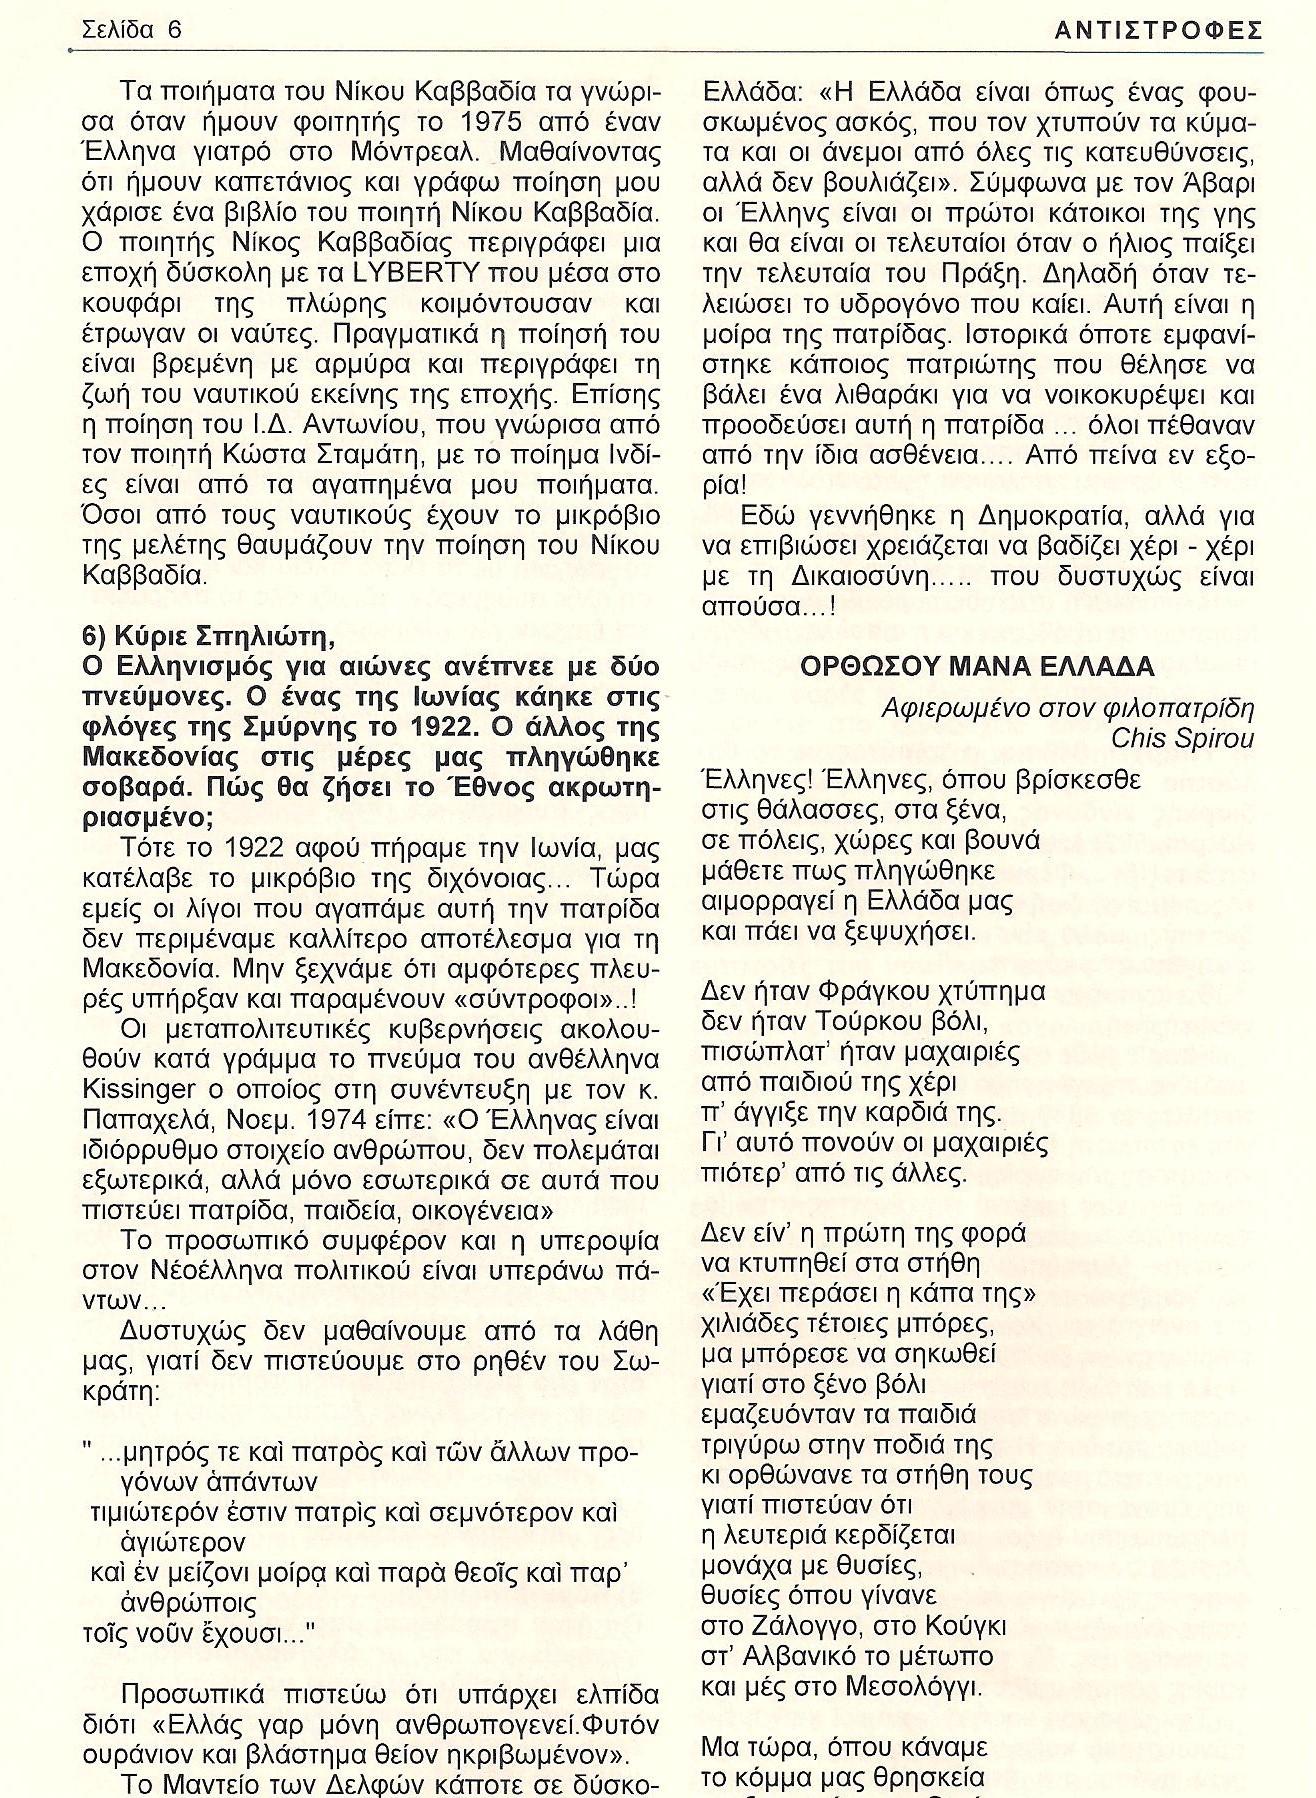 ΣΥΝΕΝΤΕΥΞΗ ΣΠΗΛΙΩΤΗ  ΣΤΟ  ΑΝΤΙΣΤΡΟΦΕΣ ΣΕΛ.4.jpg